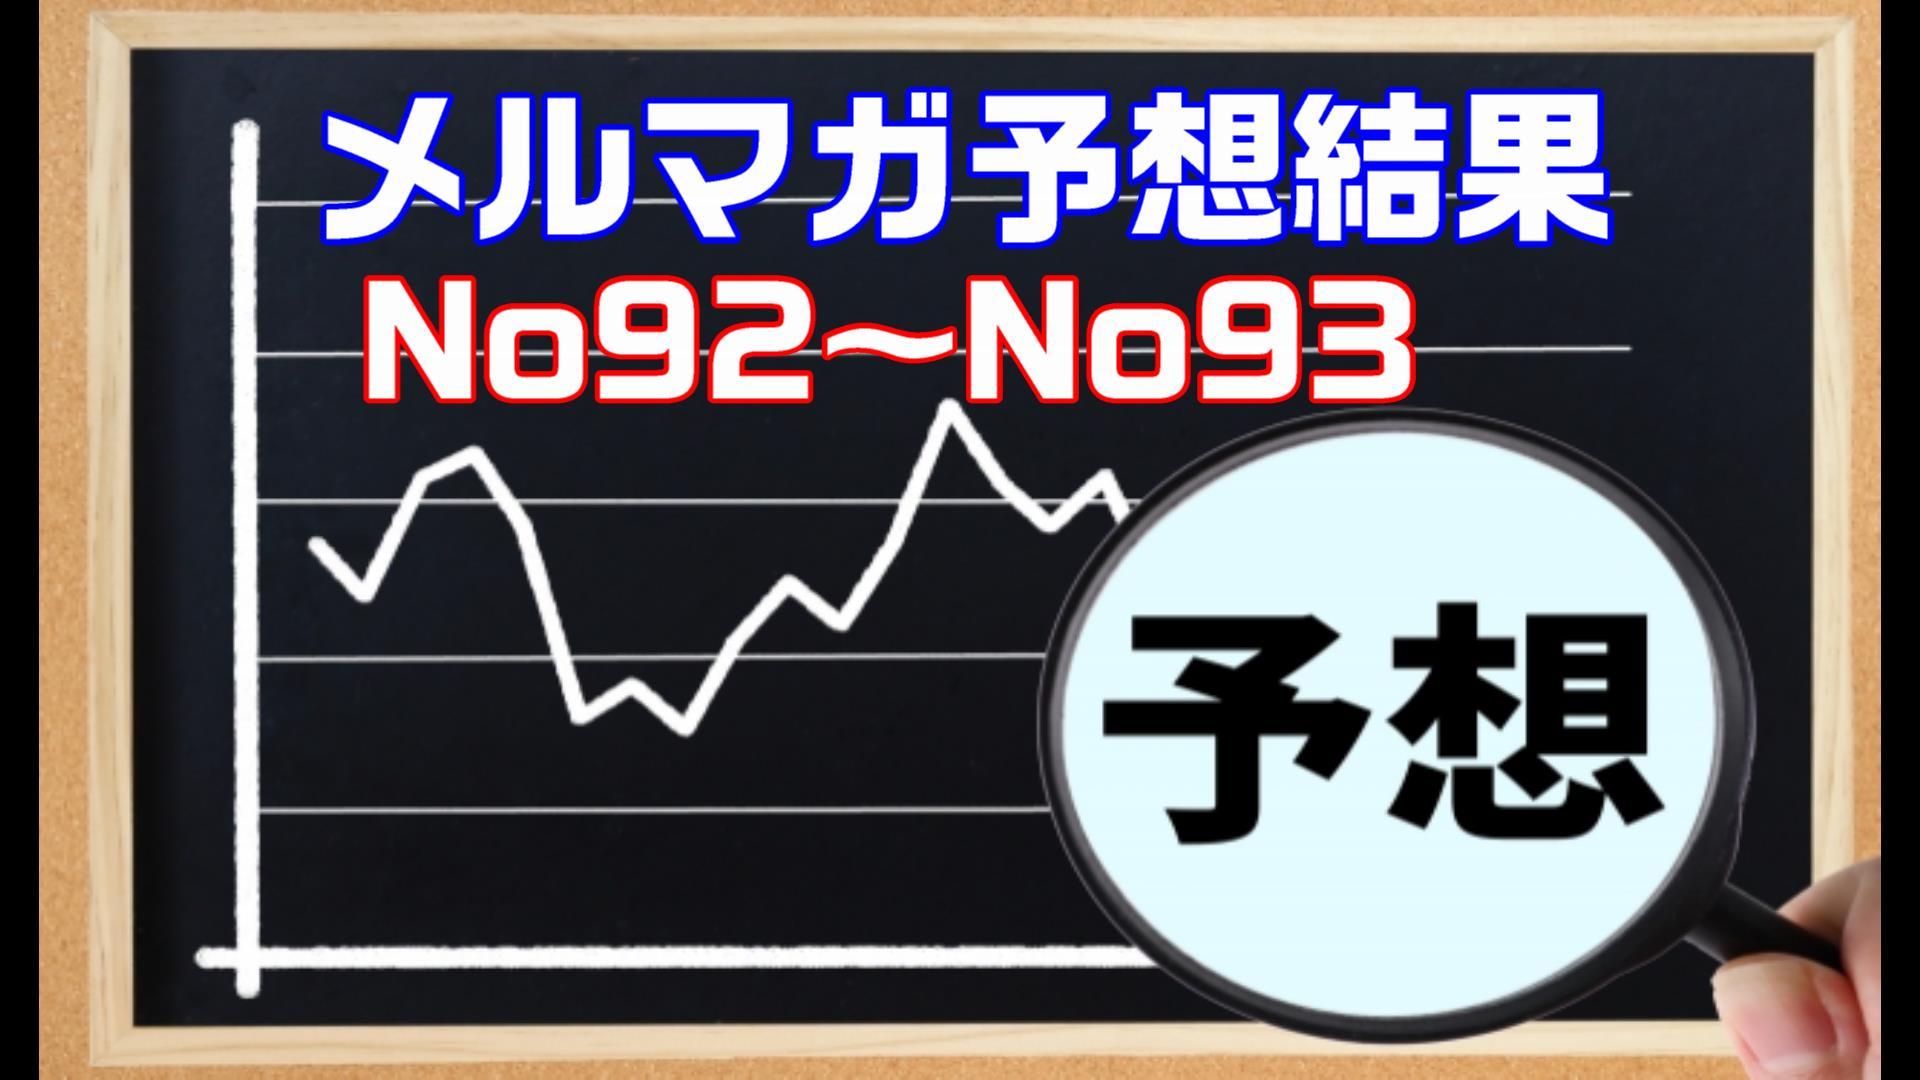 【メルマガの予想結果】メルマガNo92~No93結果